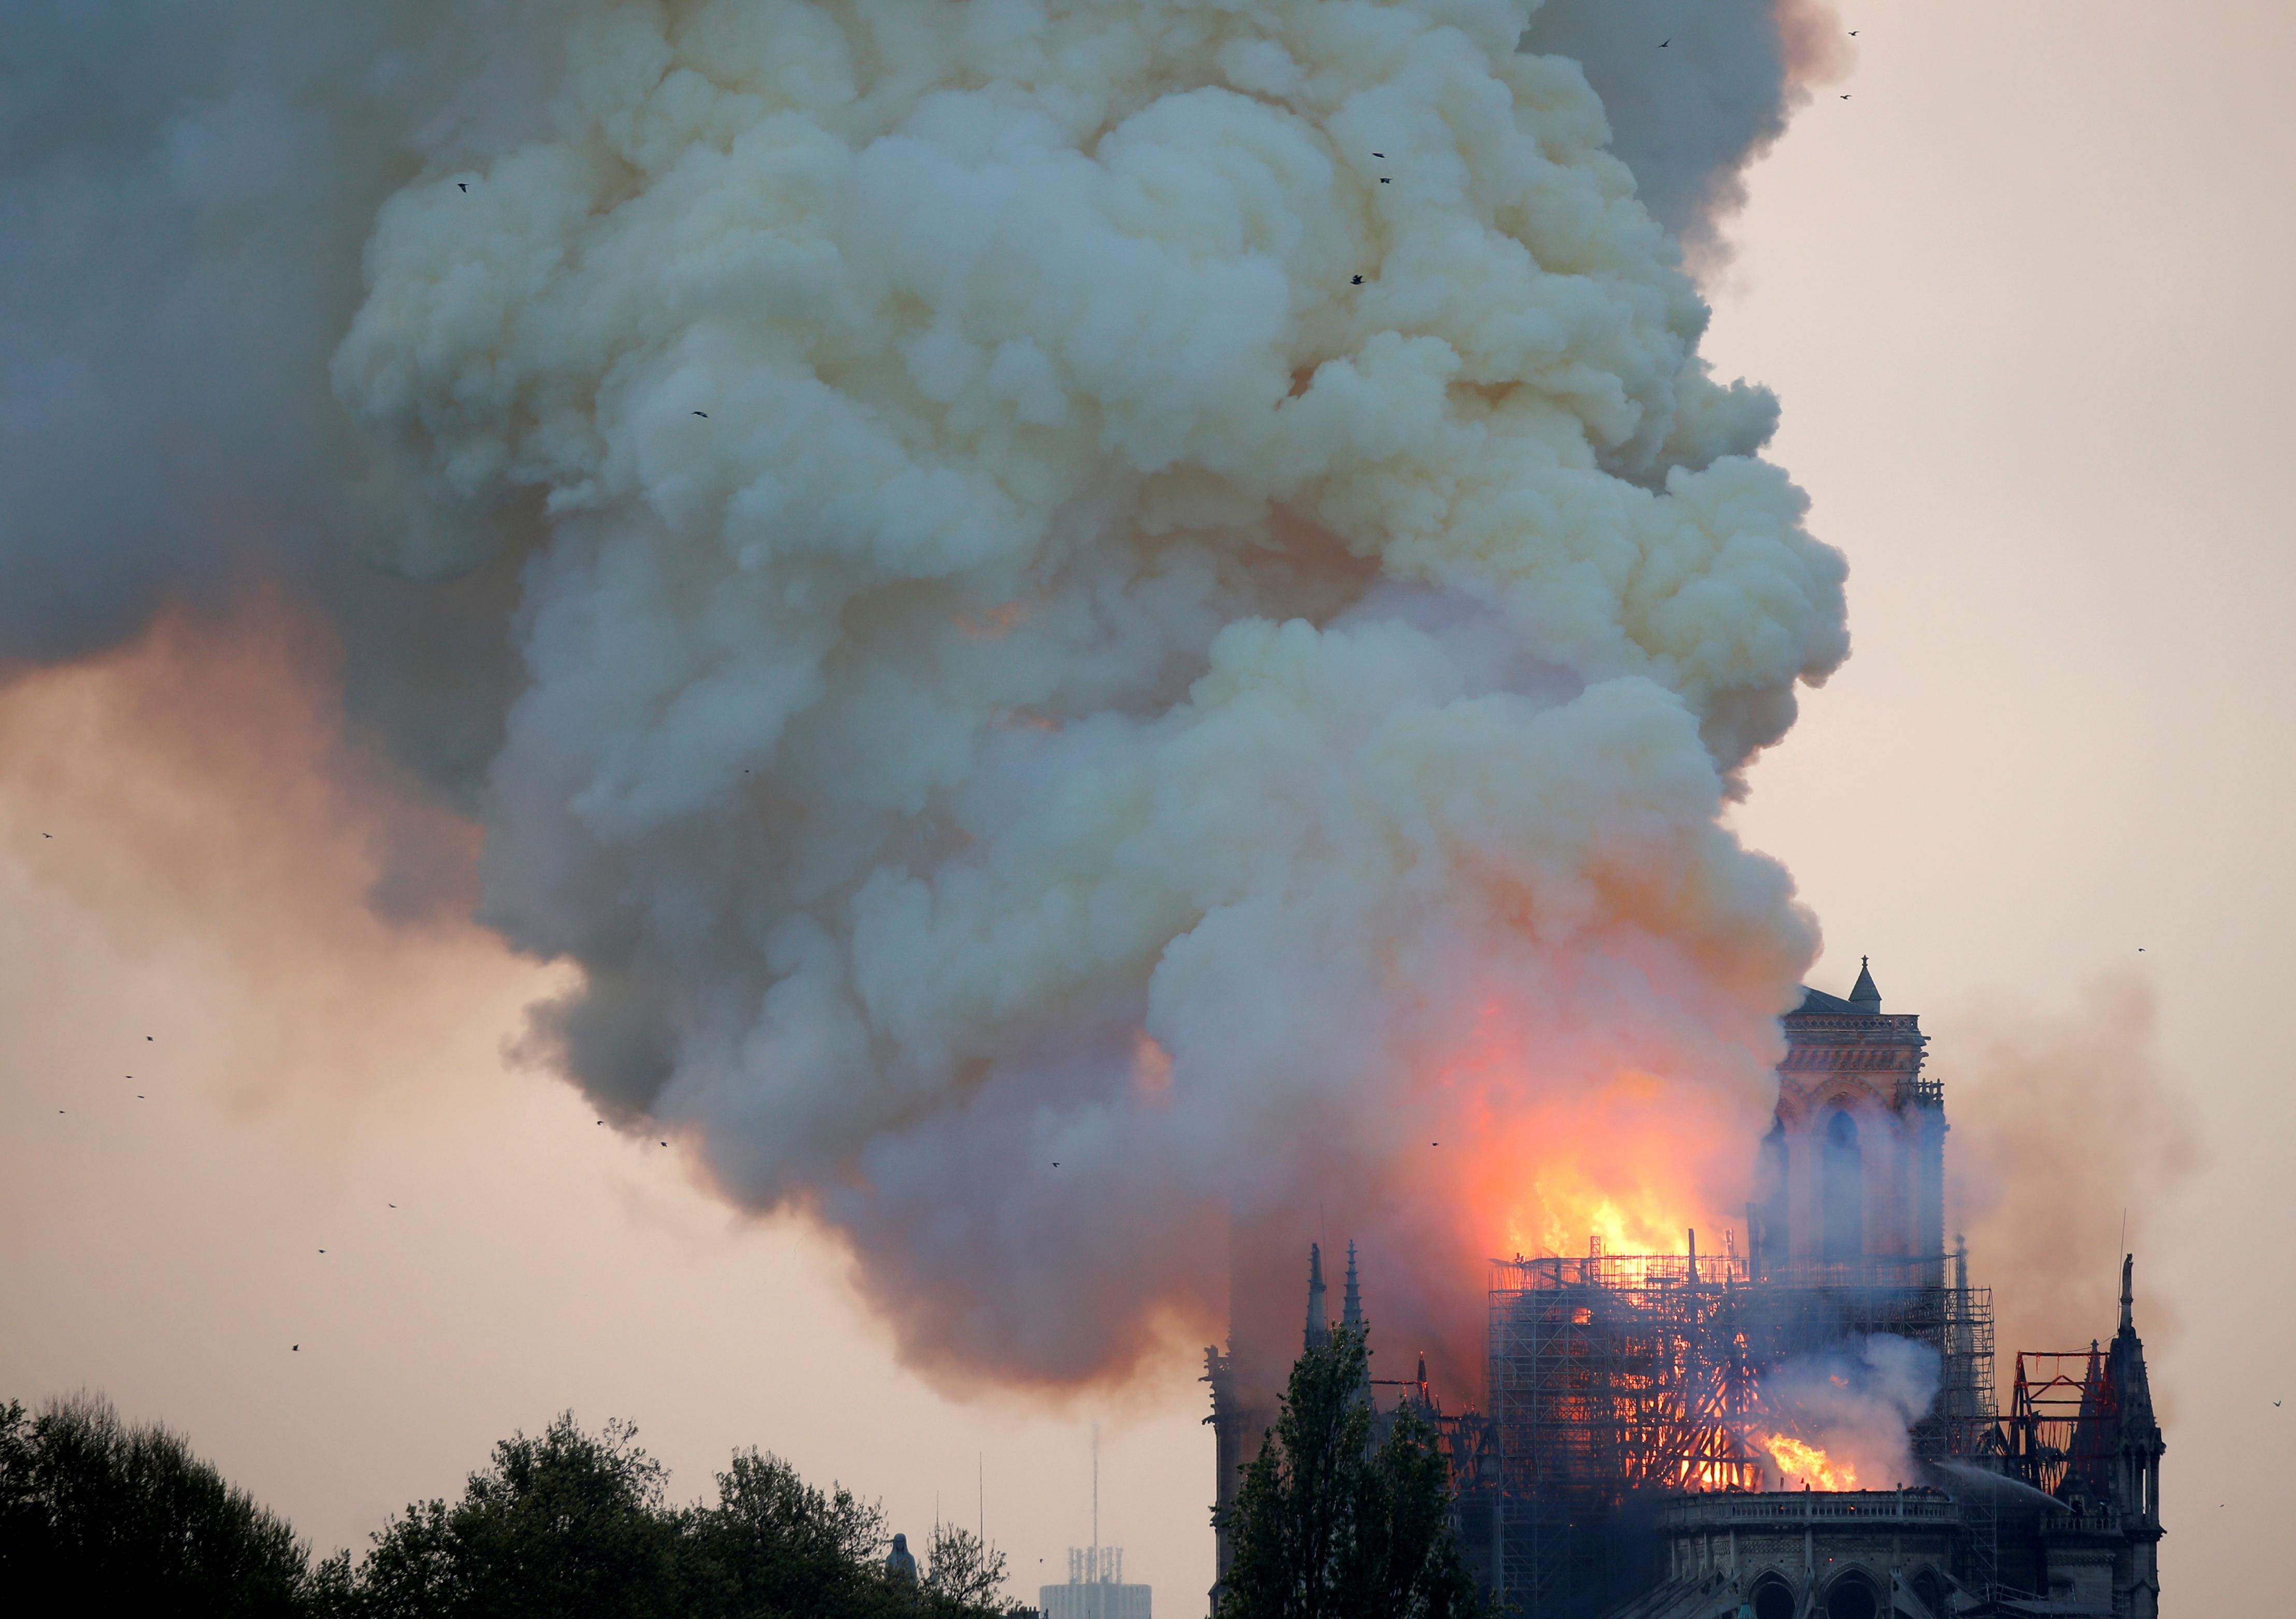 קתדרלת נוטרדאם נשרפת / צילום: Charles Platiau, רויטרס